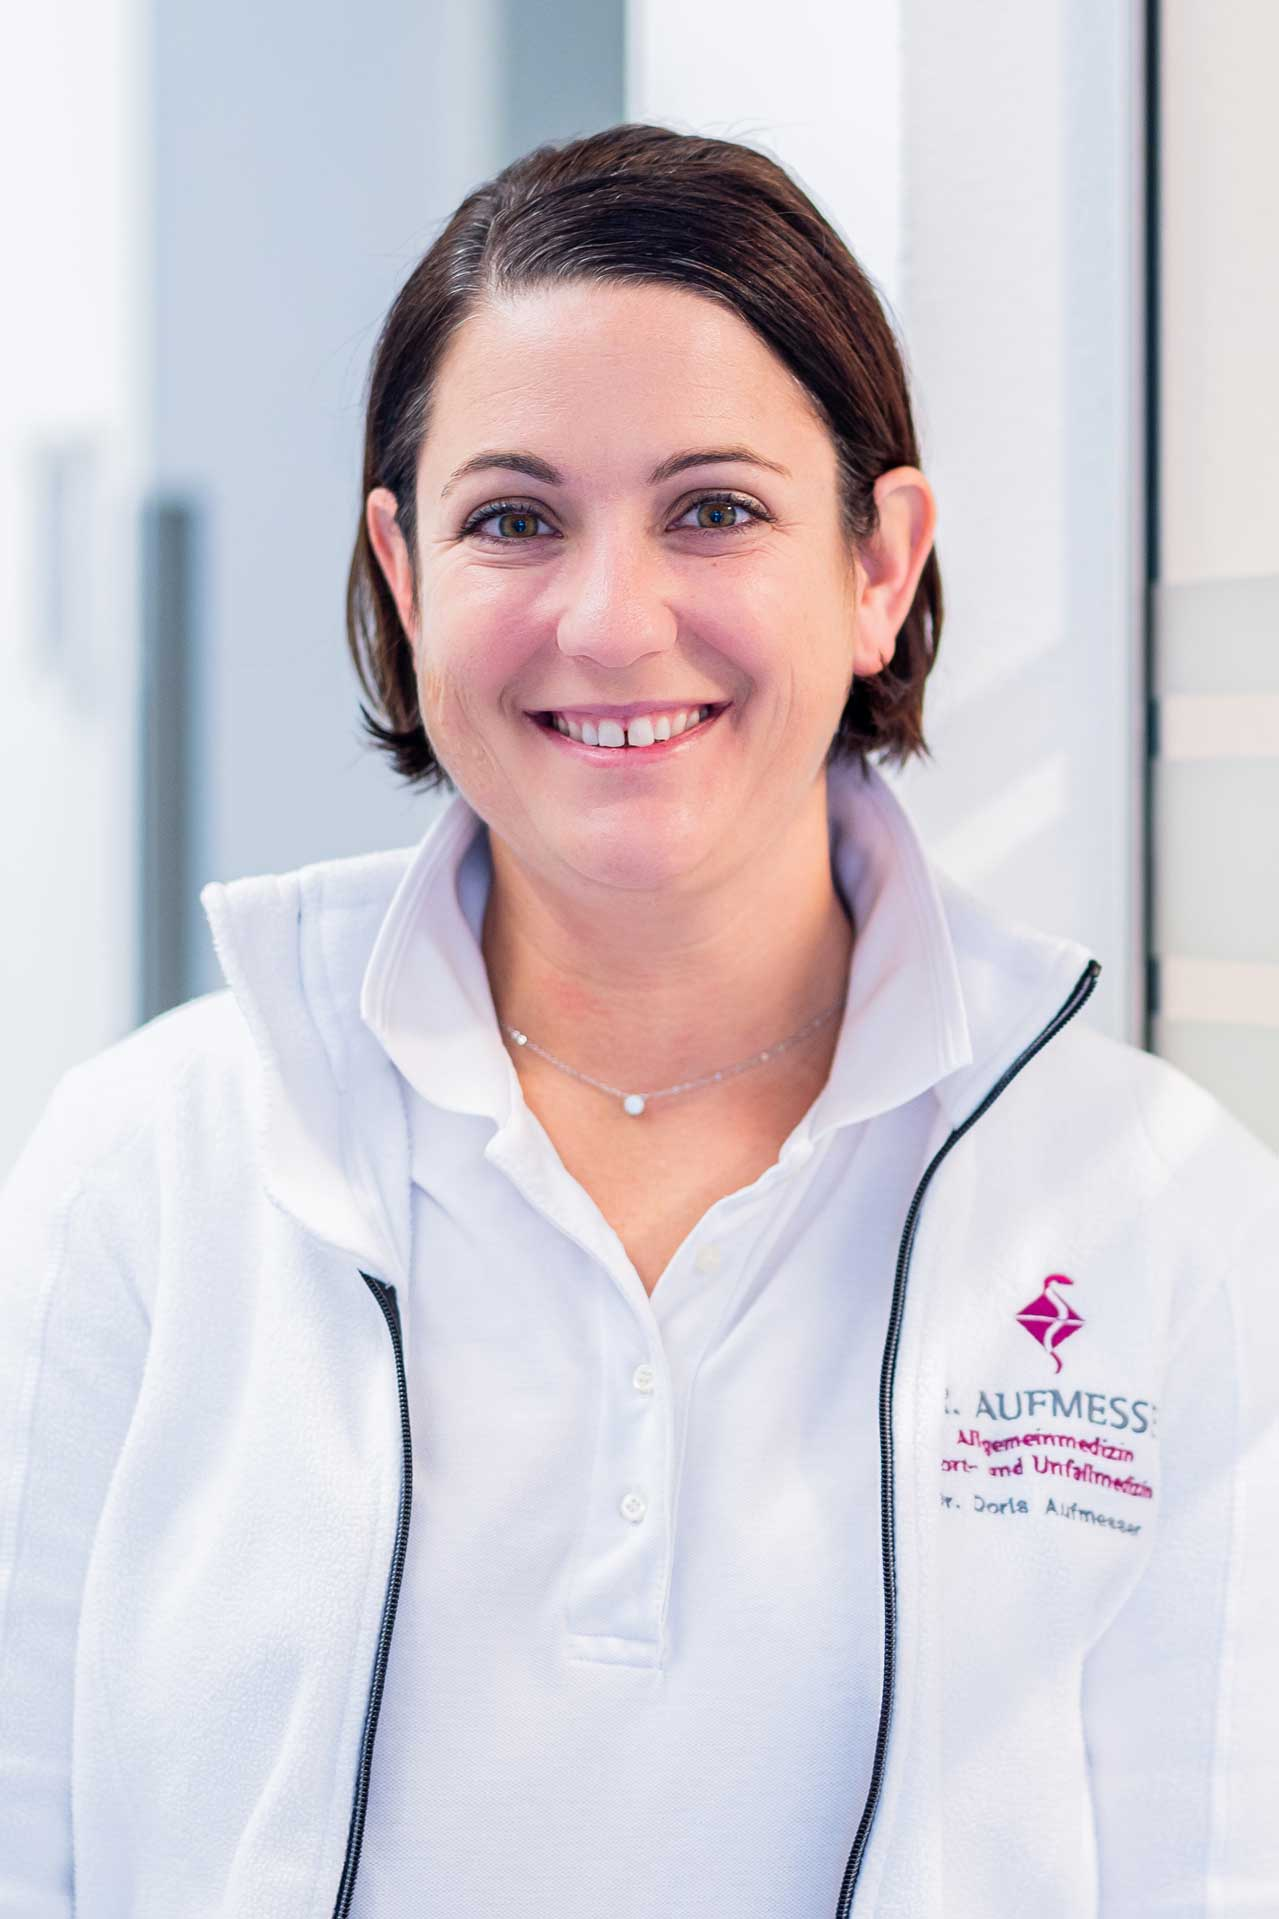 Dr. Doris Aufmesser